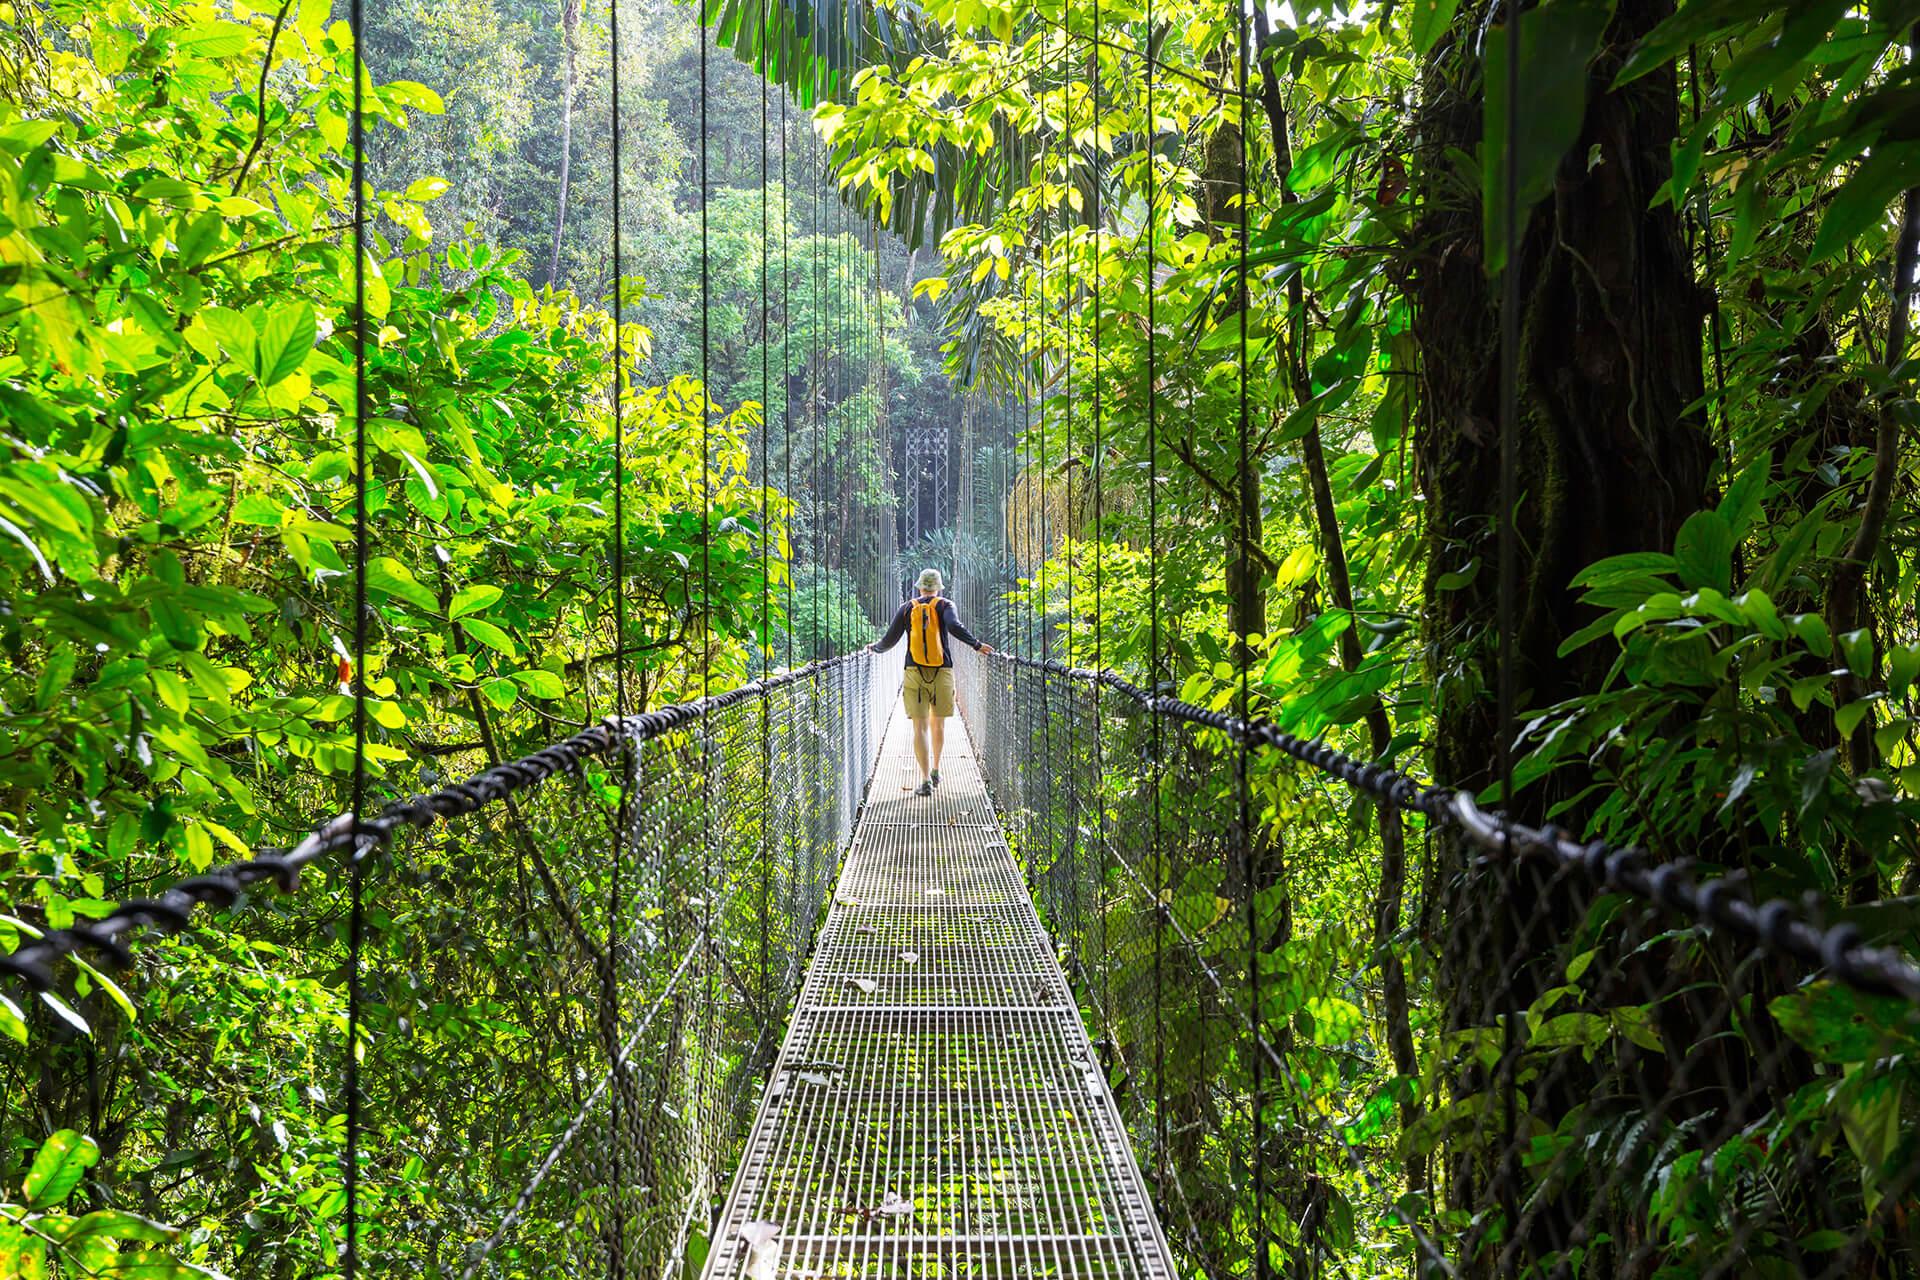 Costa Rican jungle